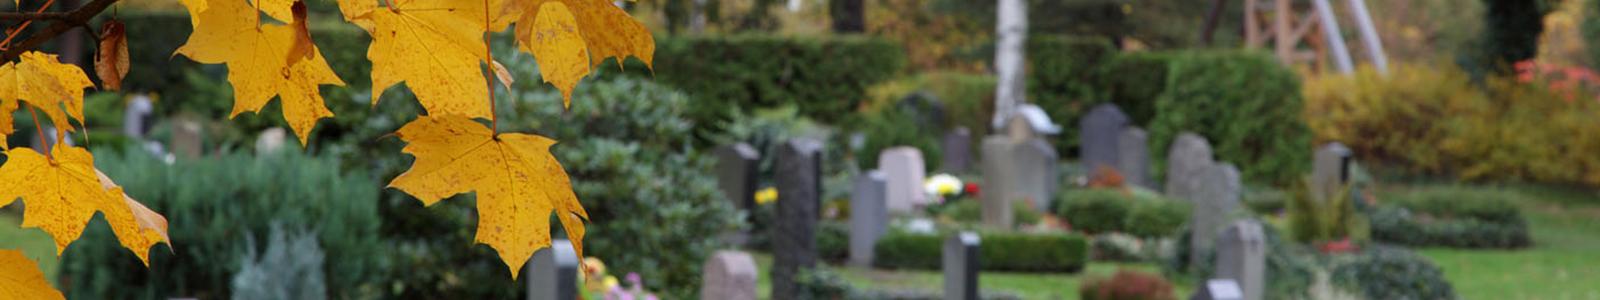 Friedhofsverwaltung Kleinolbersgrün